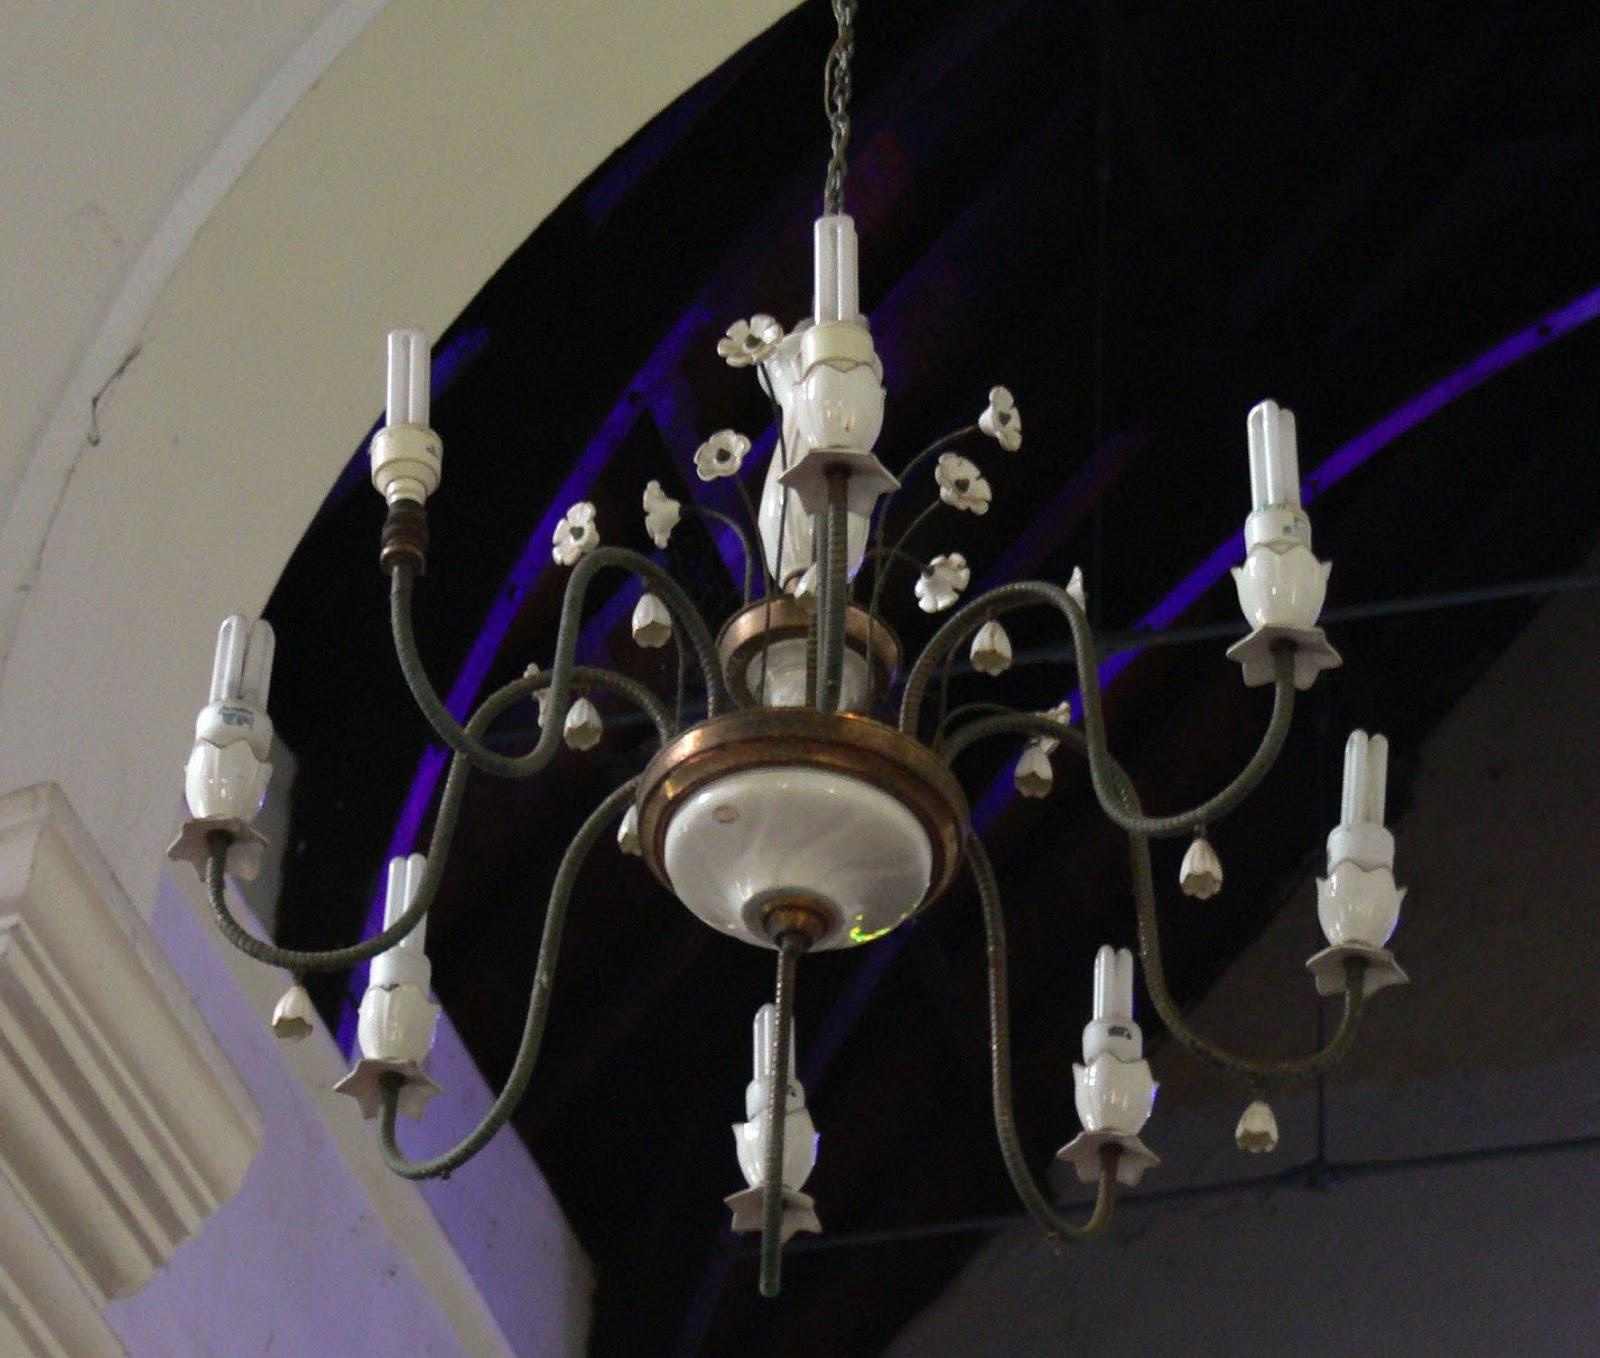 In Der Ersten Christlichen Kirche Indiens Aus 15 Oder 16 Hundert Zieren Nun  Energiesparlampen Die Kronleuchter. AHHHH... Energiesparen Ist Zwar  Notwendig, ...